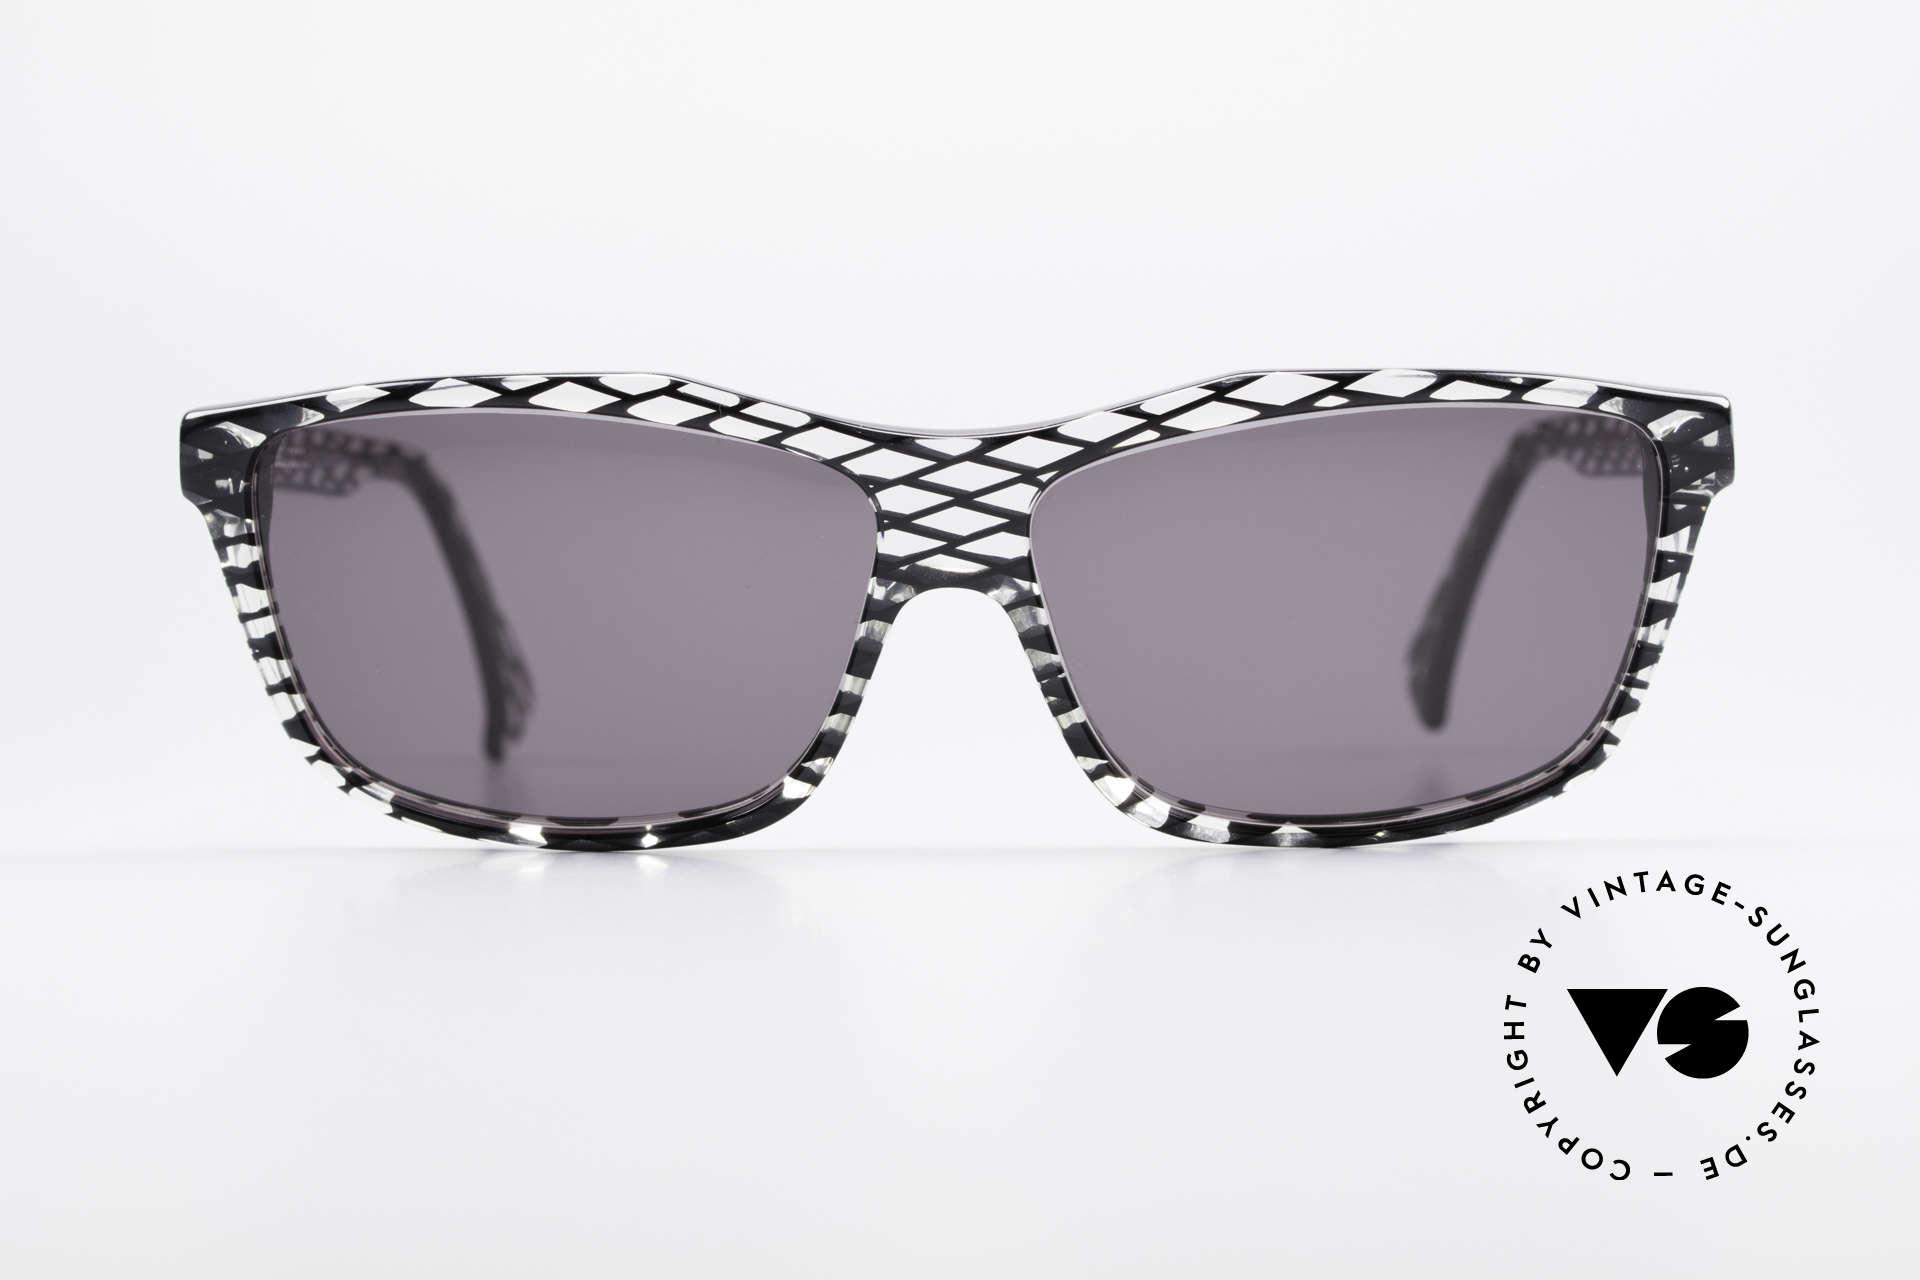 Alain Mikli 701 / 280 Gemusterte 80er Sonnenbrille, spektakuläres Muster in kristall / schwarz-netzförmig, Passend für Damen